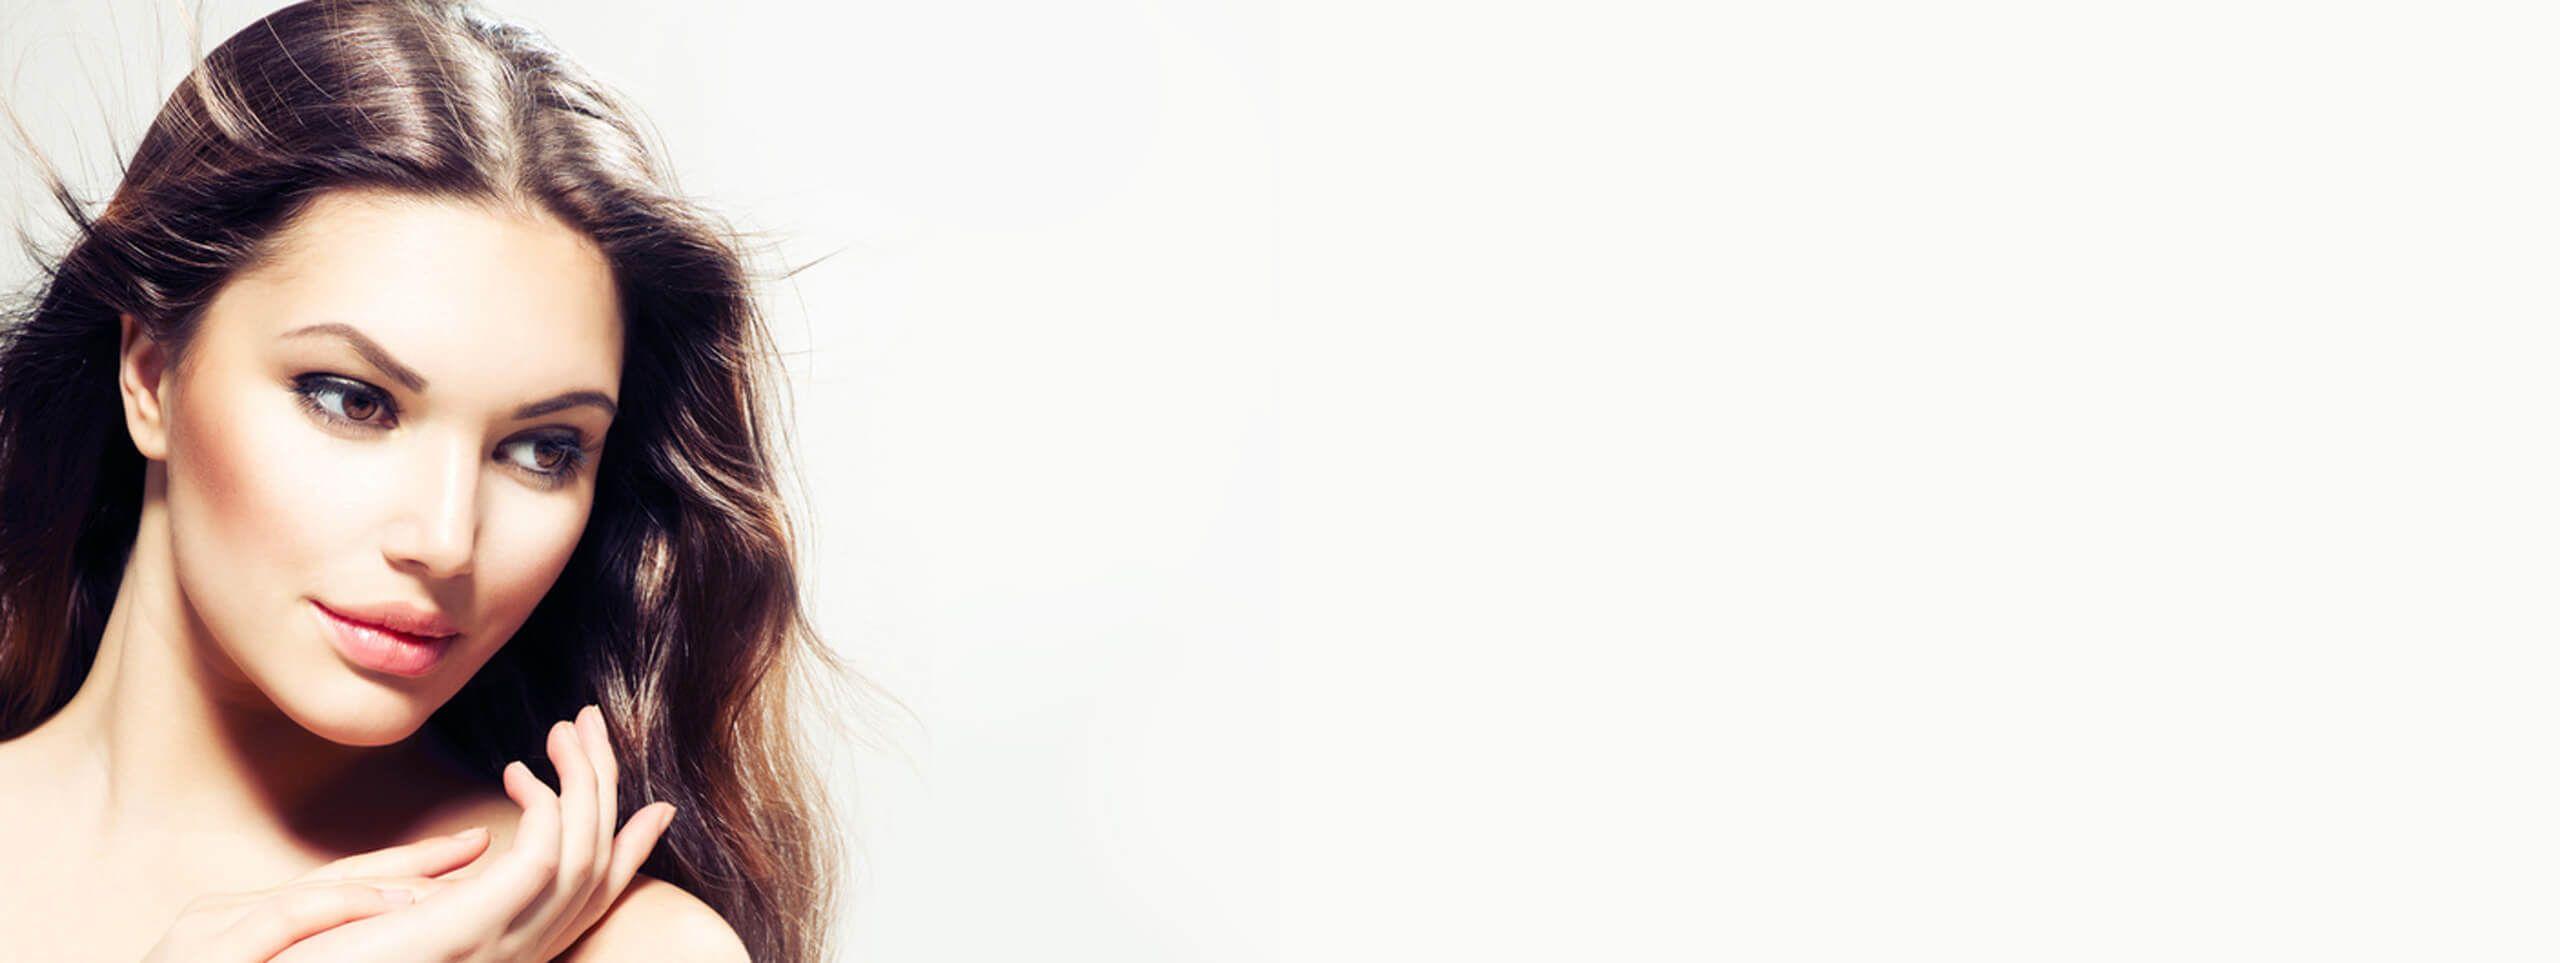 Woman wears long brown hair in loose wavy hairstyle